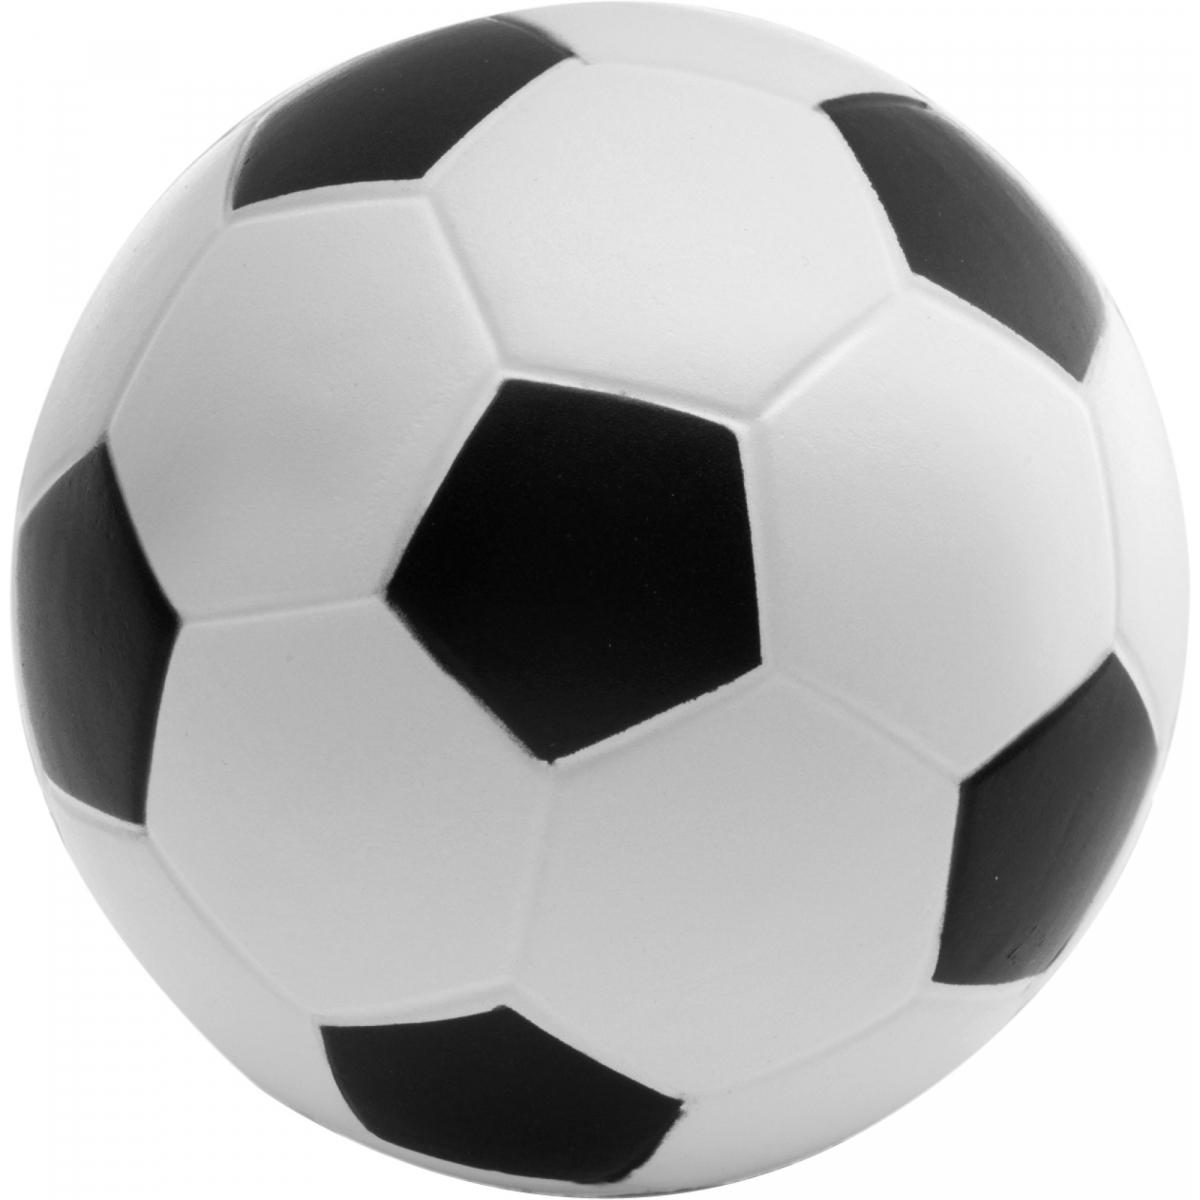 62242d6524a Anti-Stress voetbal   Vanaf 0,60 per stuk   Super-snel.nl